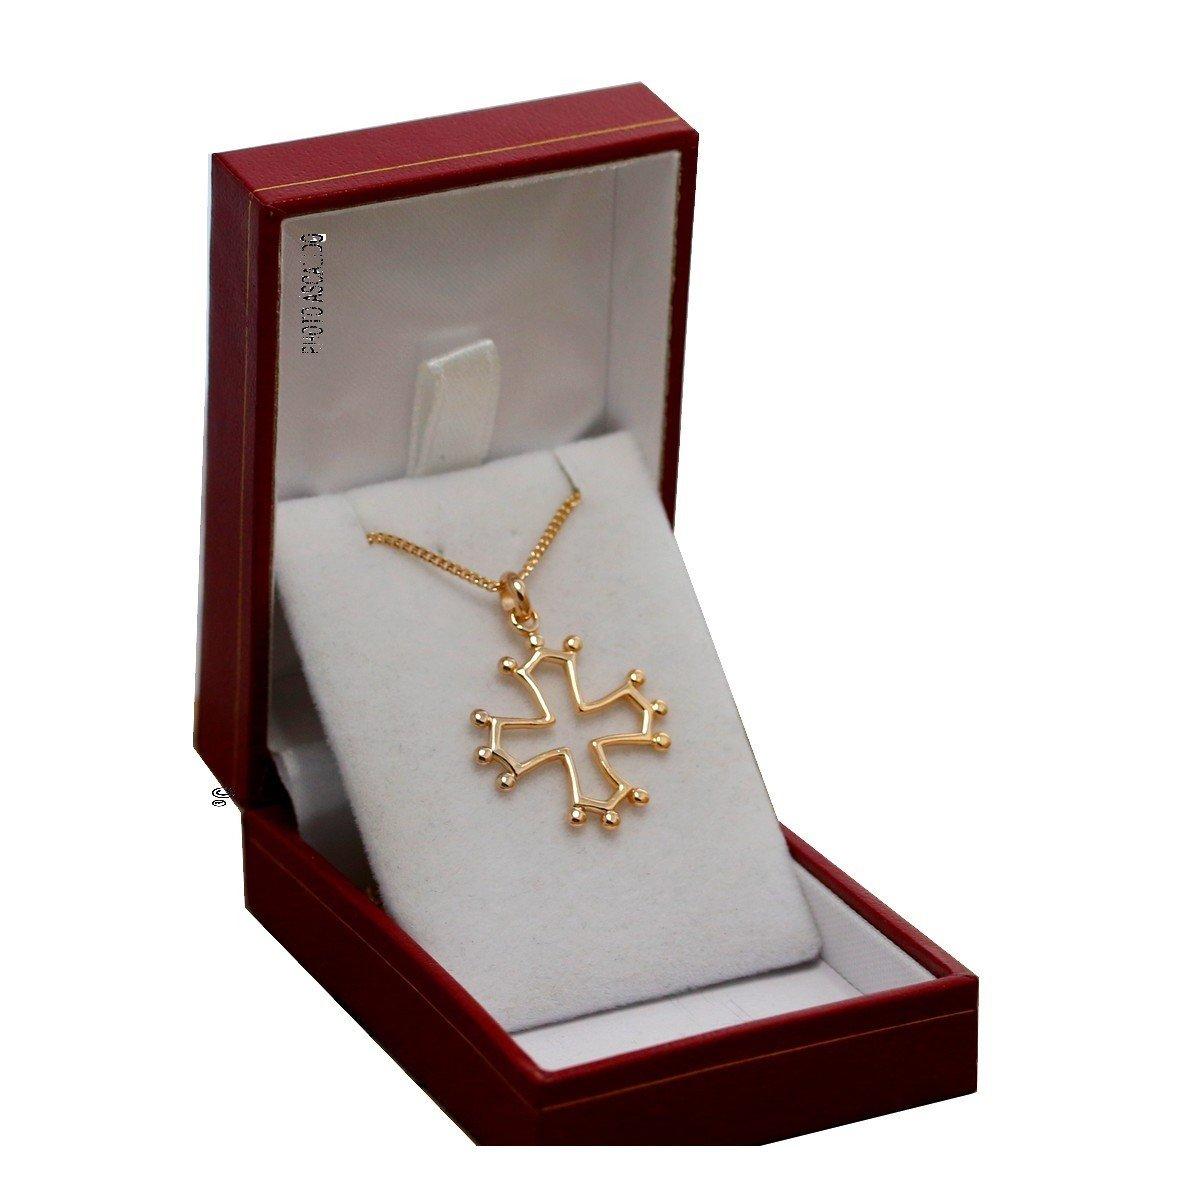 Ensemble collier et pendentif plaqué Or Croix occitane du Languedoc, Toulouse, provence et chaine en 50cm dans sa boite ASCALIDO asca248546